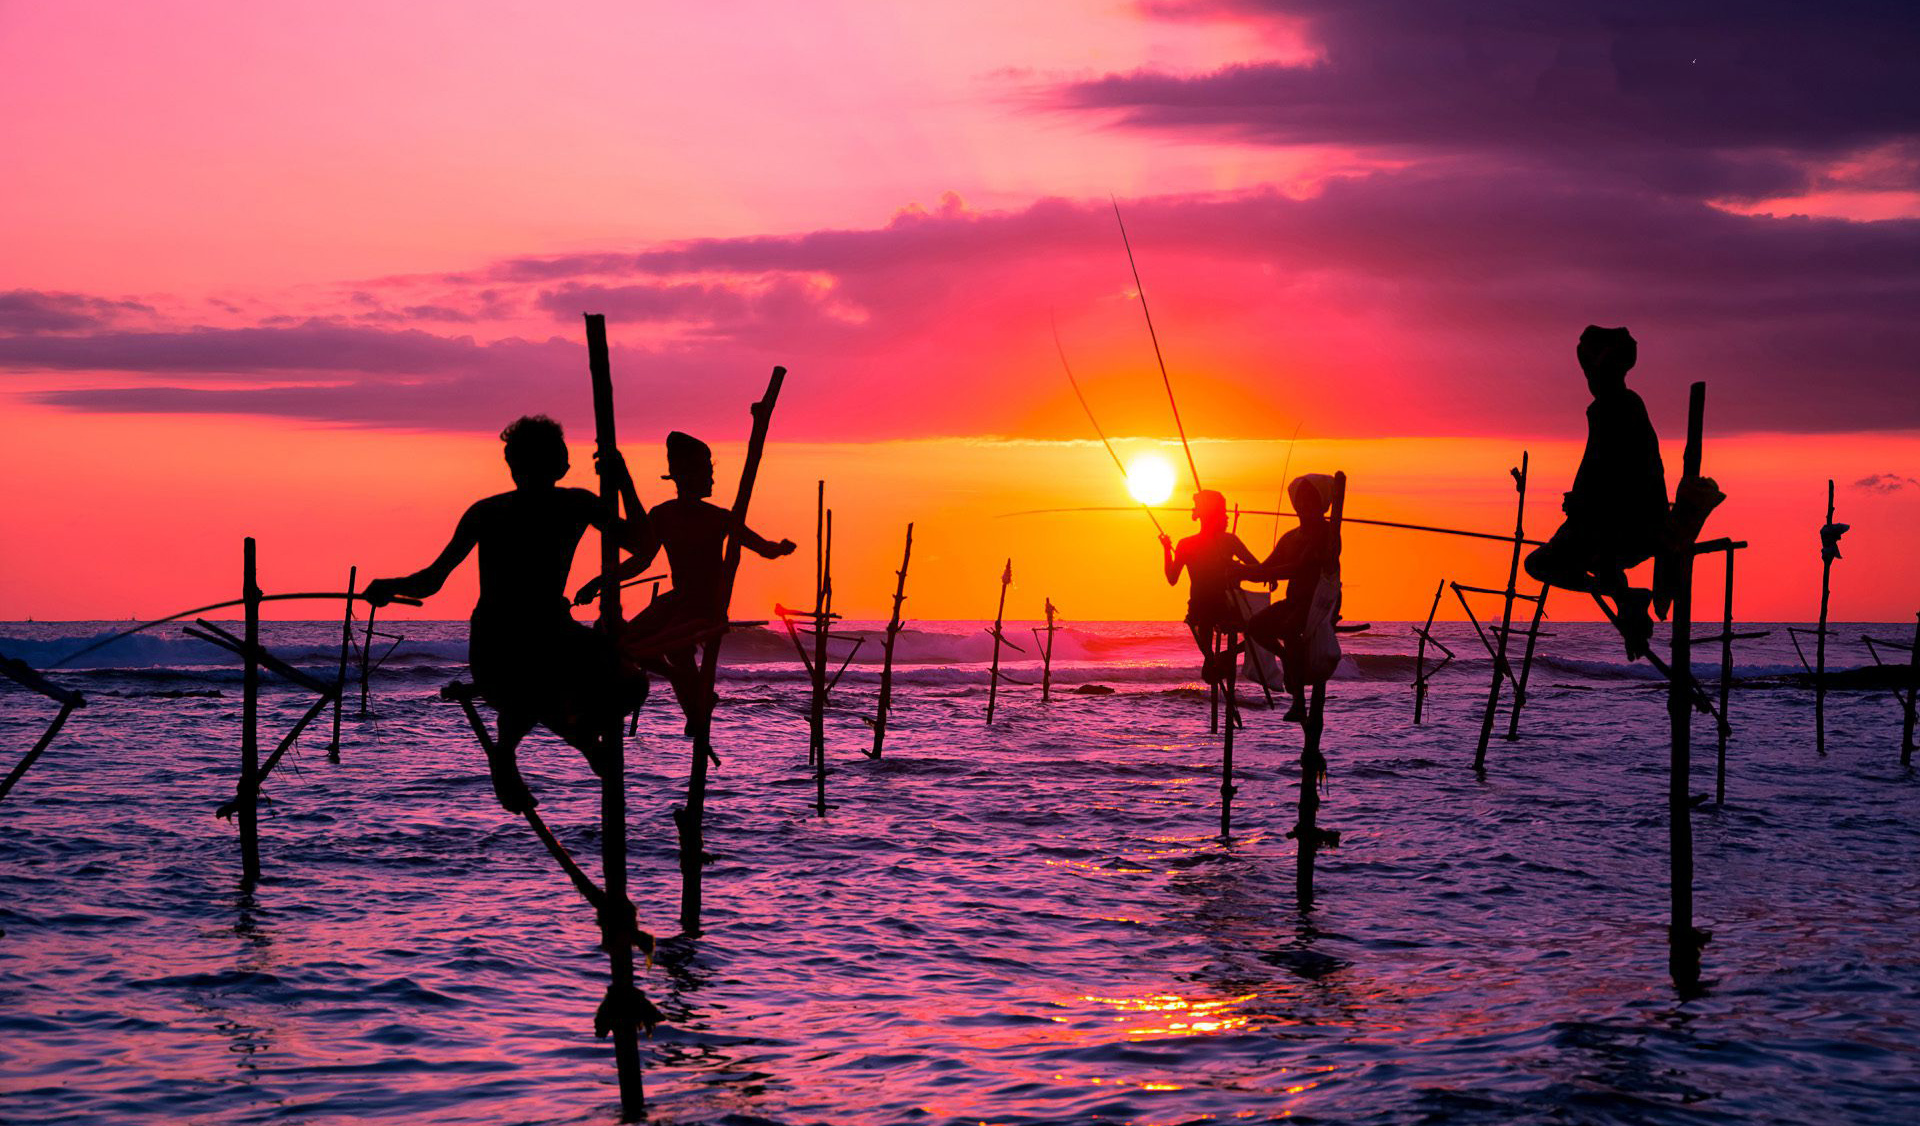 【广州/香港起止】斯里兰卡6天4晚尽享奢华的锡兰(全程无自费,尊享礼遇之旅)